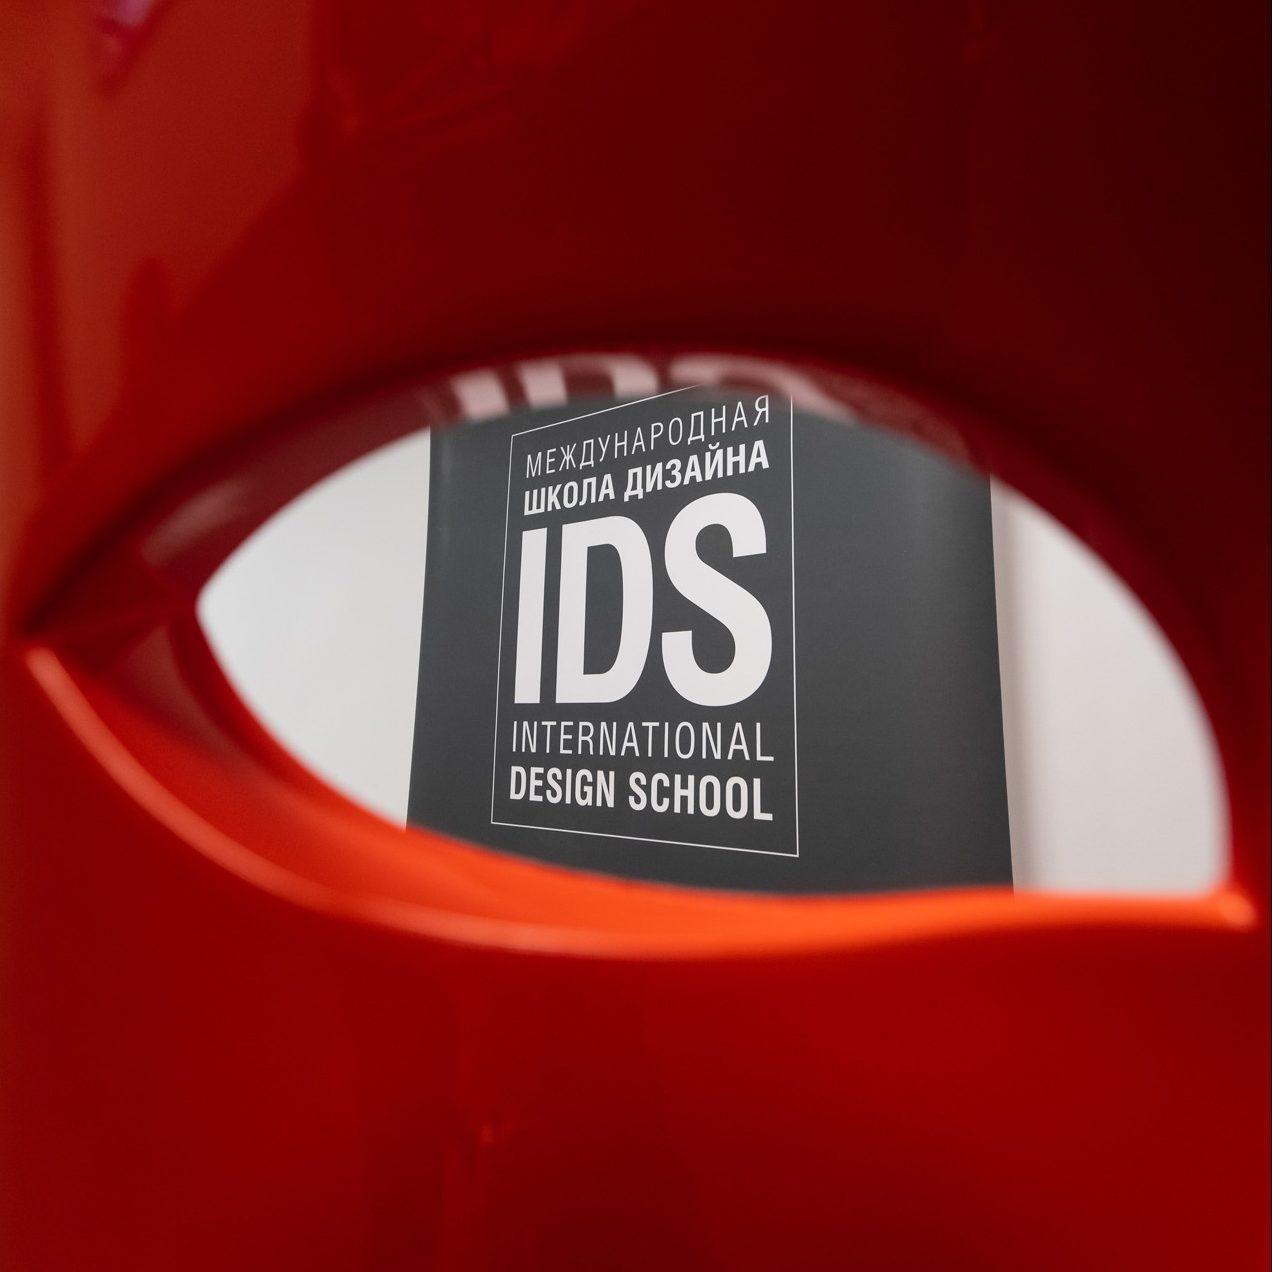 Дизайн-календарь: открытые мероприятия IDS-Петербург!